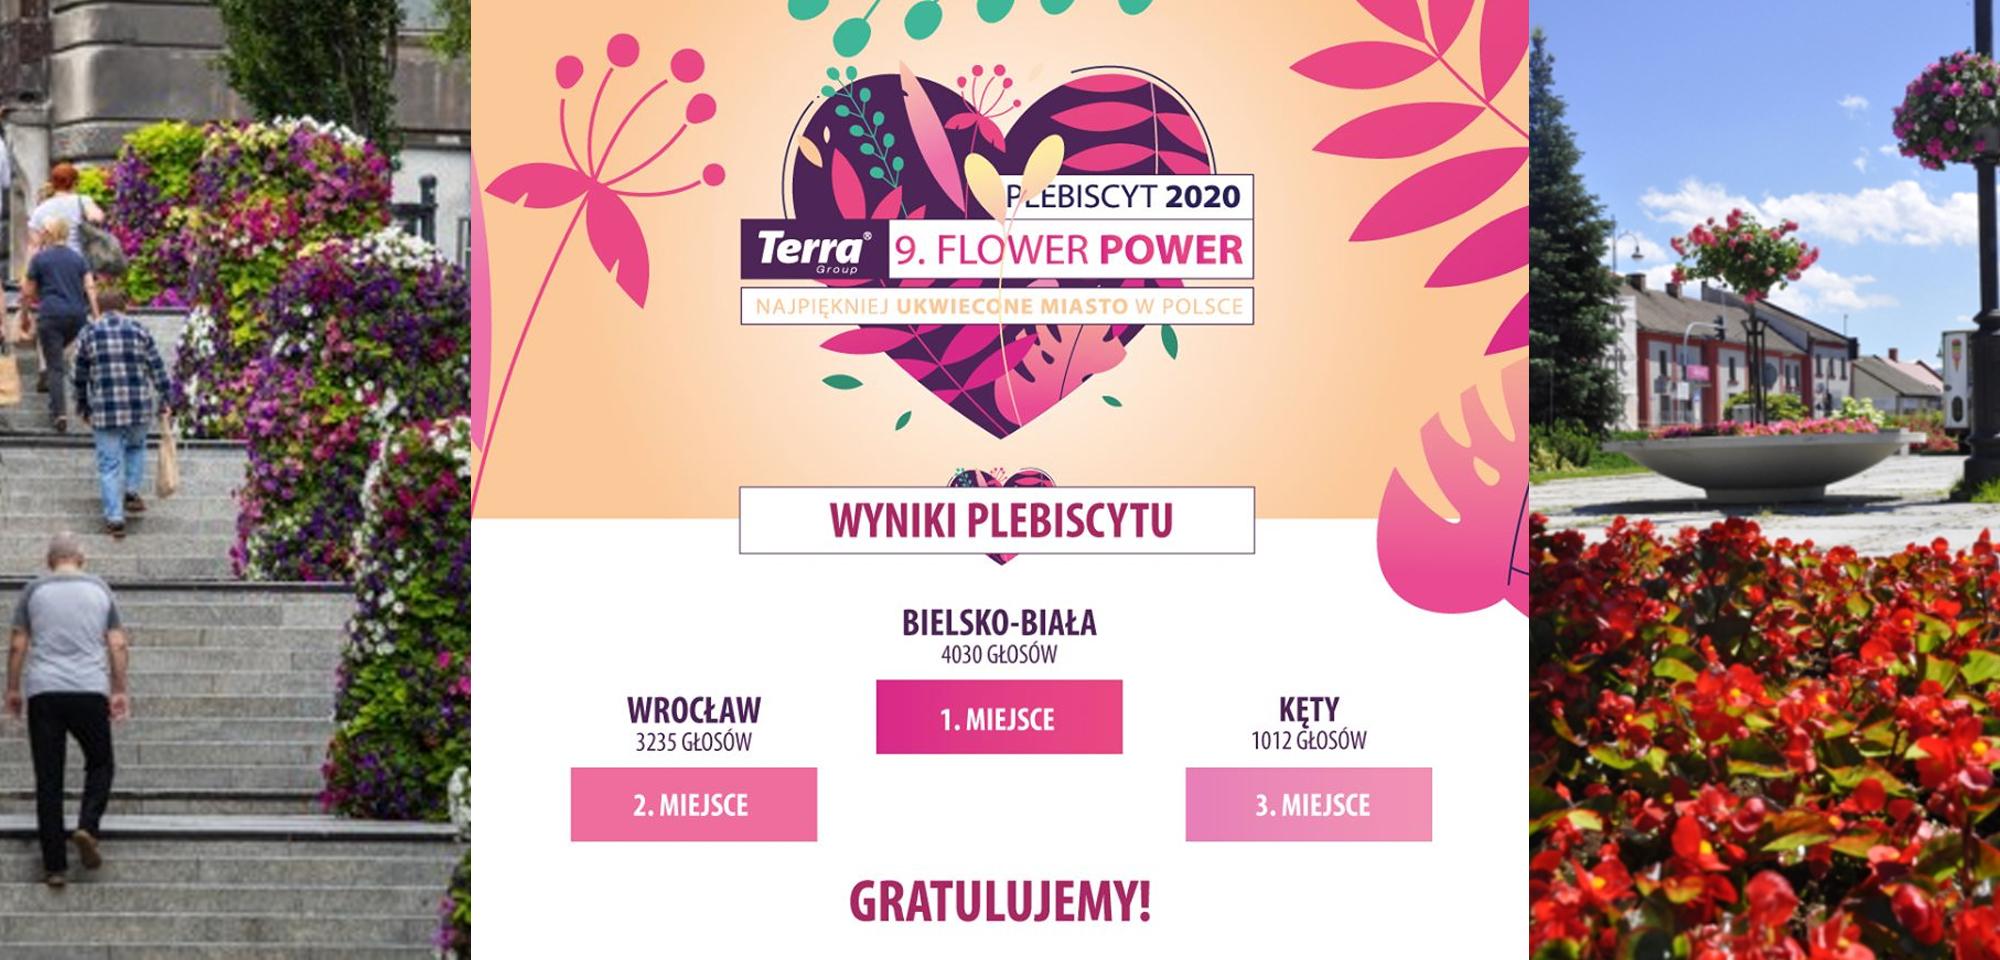 Bielsko-Biała najpiękniej ukwieconym miastem Polski